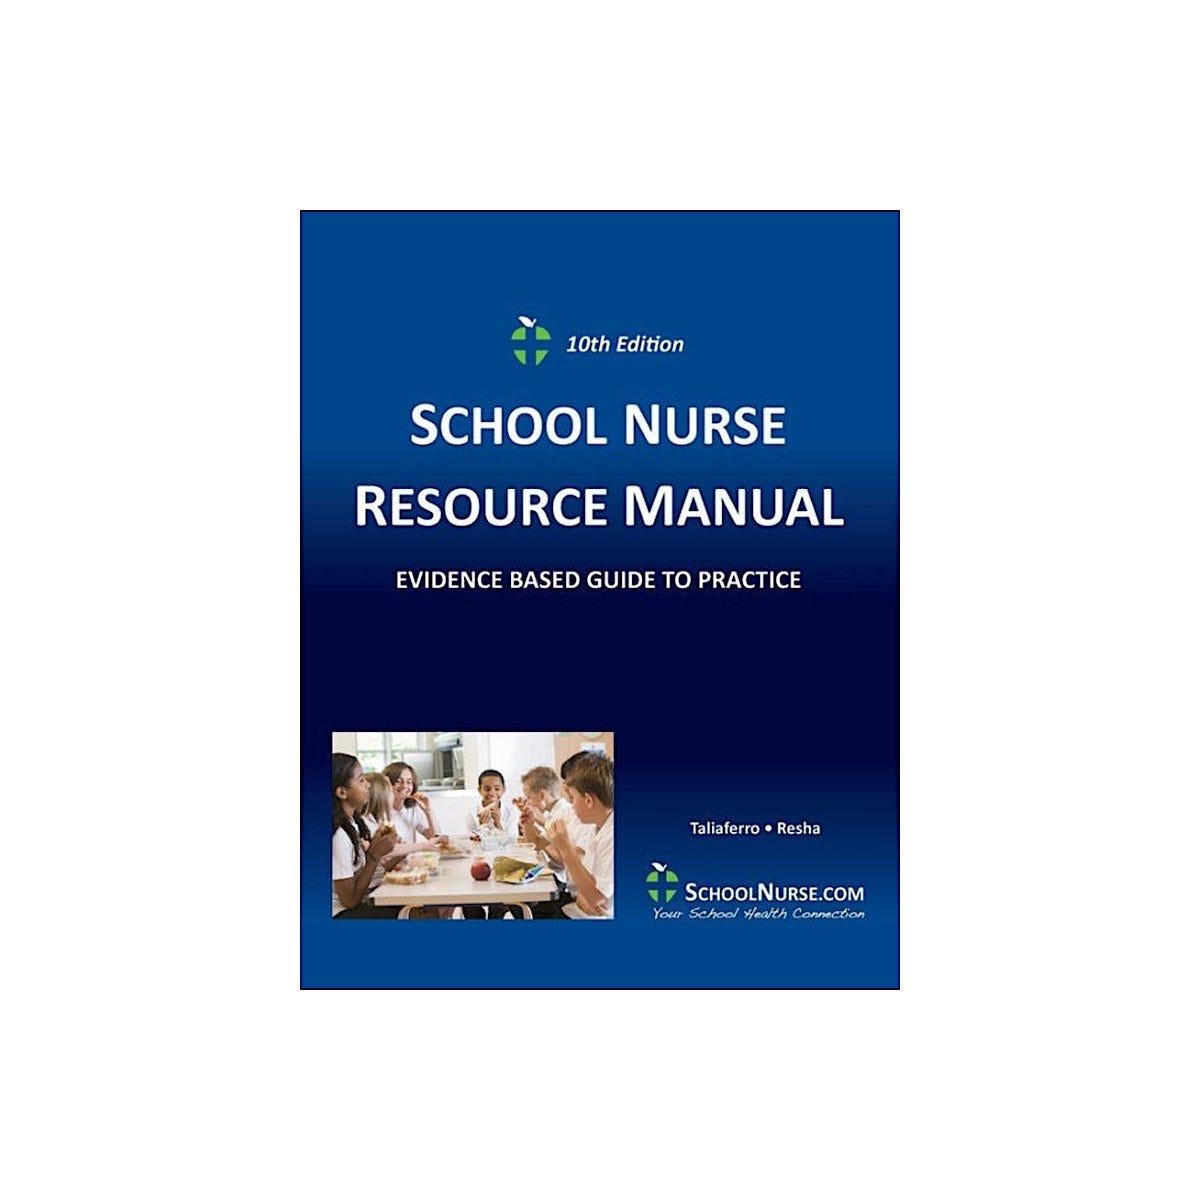 School Nurse Resource Manual, 10th Edition